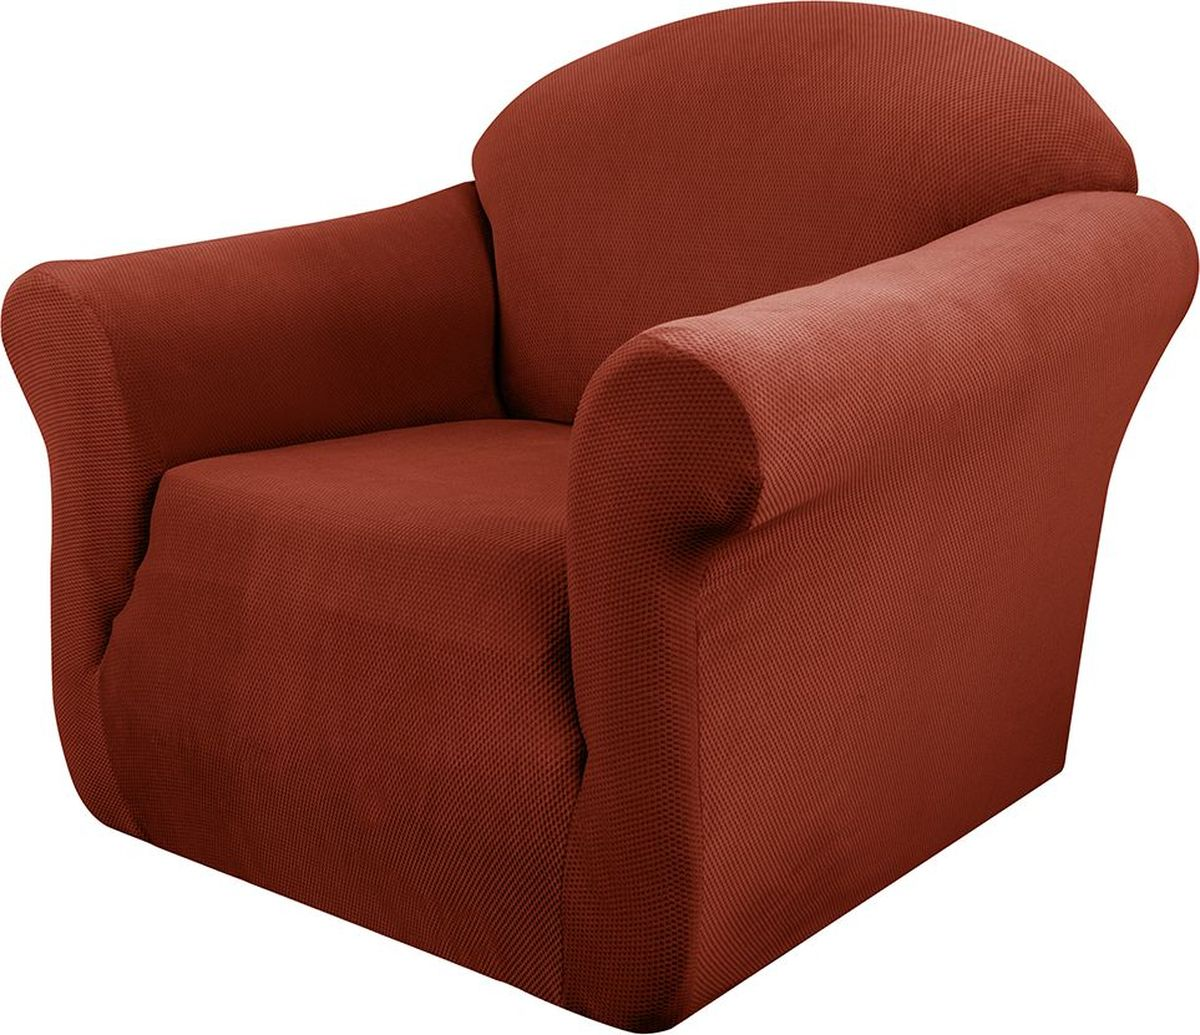 Чехол на кресло Медежда Бирмингем, цвет: терракотовый1401031109002Чехол на кресло Медежда Бирмингем изготовлен из стрейчевого велюра (100% полиэстера). Тонкий геометрический дизайн добавляет уют помещению. Велюр - по праву один из уверенных лидеров среди мебельных тканей. Поверхность велюра приятна для прикосновений. Сочетание нежности и прочности - визитная карточка велюра. Вещи из него даже спустя много лет смотрятся, как новые. Чехол легко растягивается и хорошо принимает форму кресла, подходит для большинства стандартных кресел с шириной спинки от 80 см до 110 см и высотой не более 95 см. За счет специальных фиксаторов чехол прочно держится на мебели, не съезжает и не соскальзывает. Имеется инструкция в картинках по установке чехла.